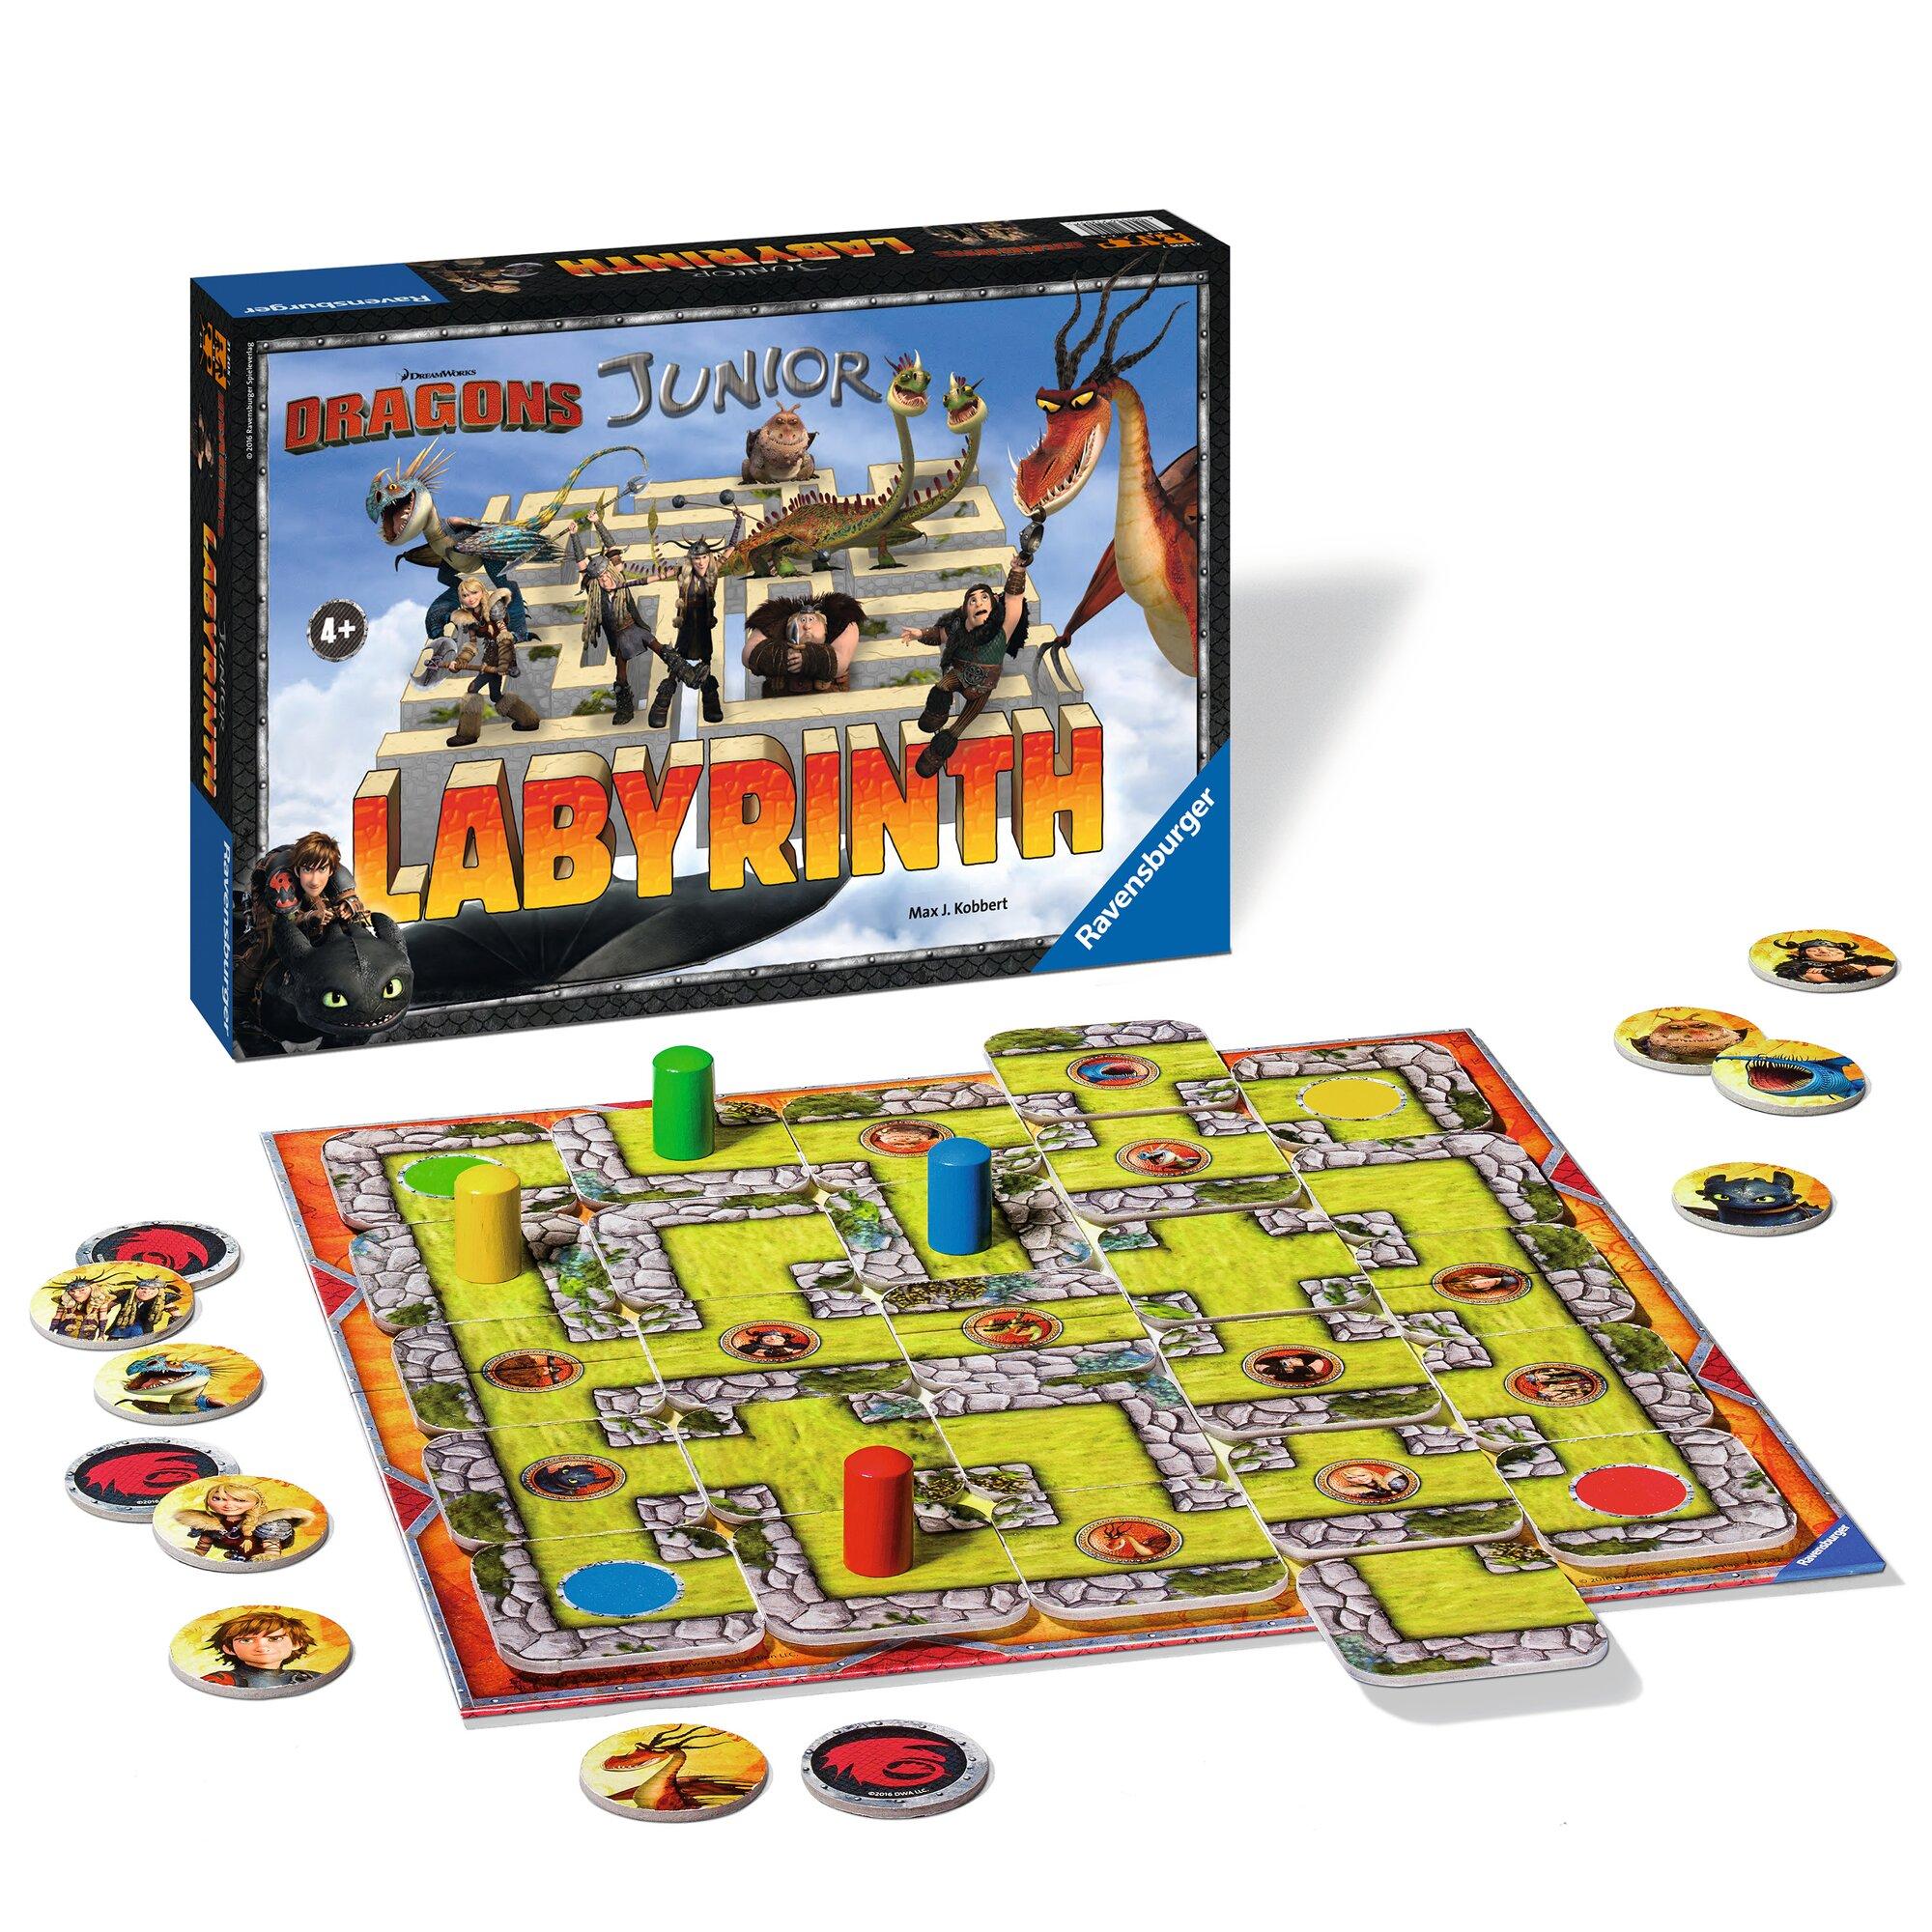 ravensburger-dragons-junior-labyrinth-such-schiebespiel